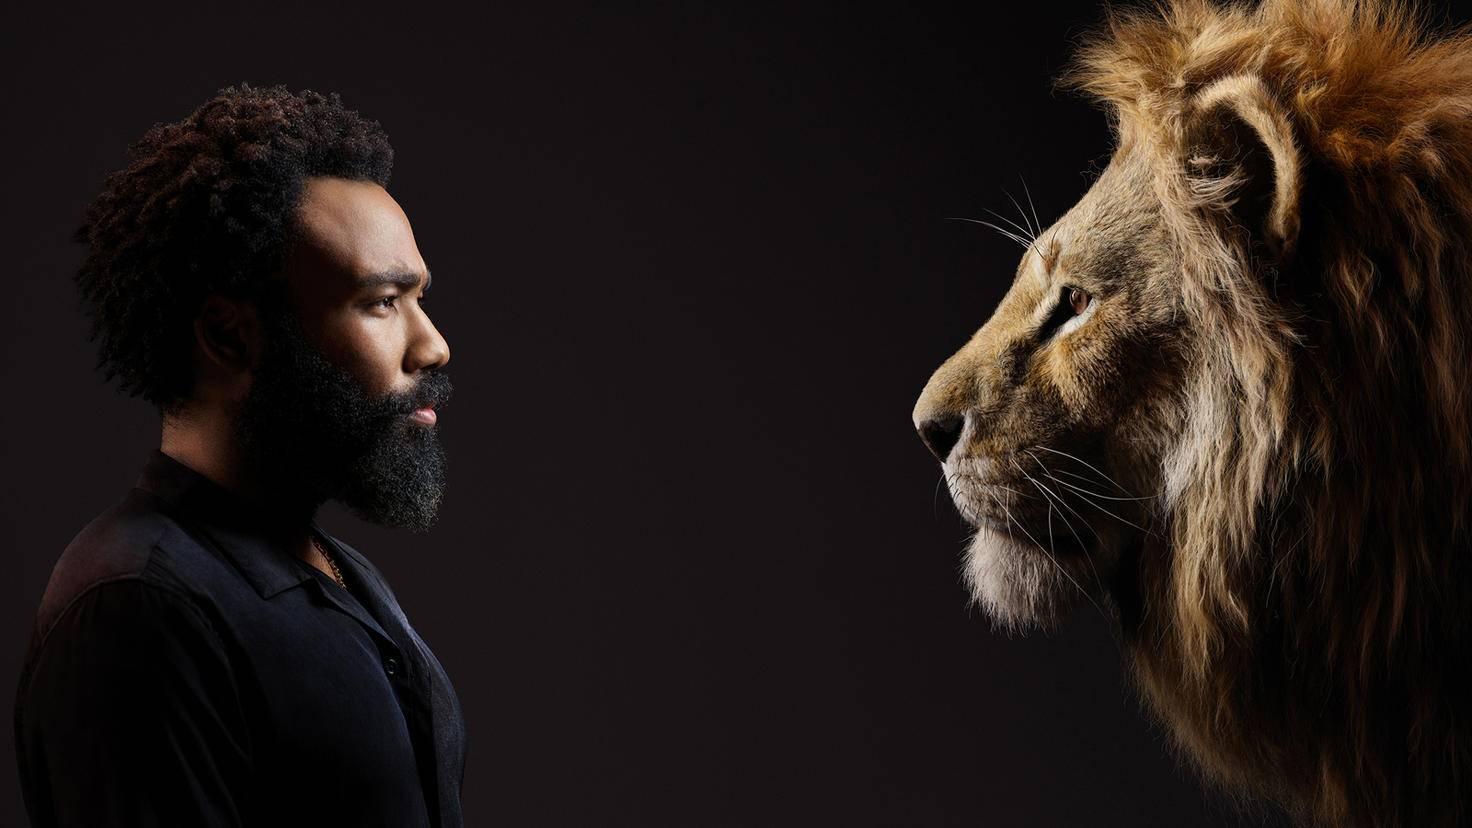 Donald Glover spricht den erwachsenen Löwen Simba.